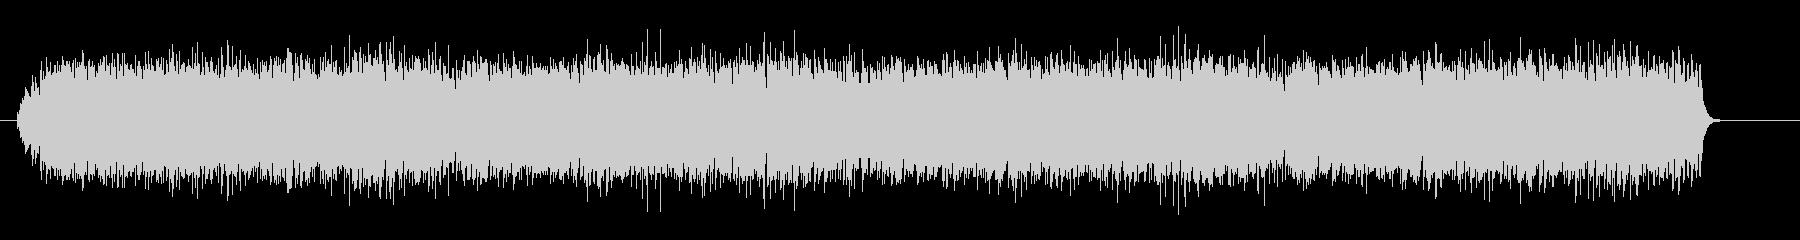 木琴と鳥の声のミニマルの未再生の波形